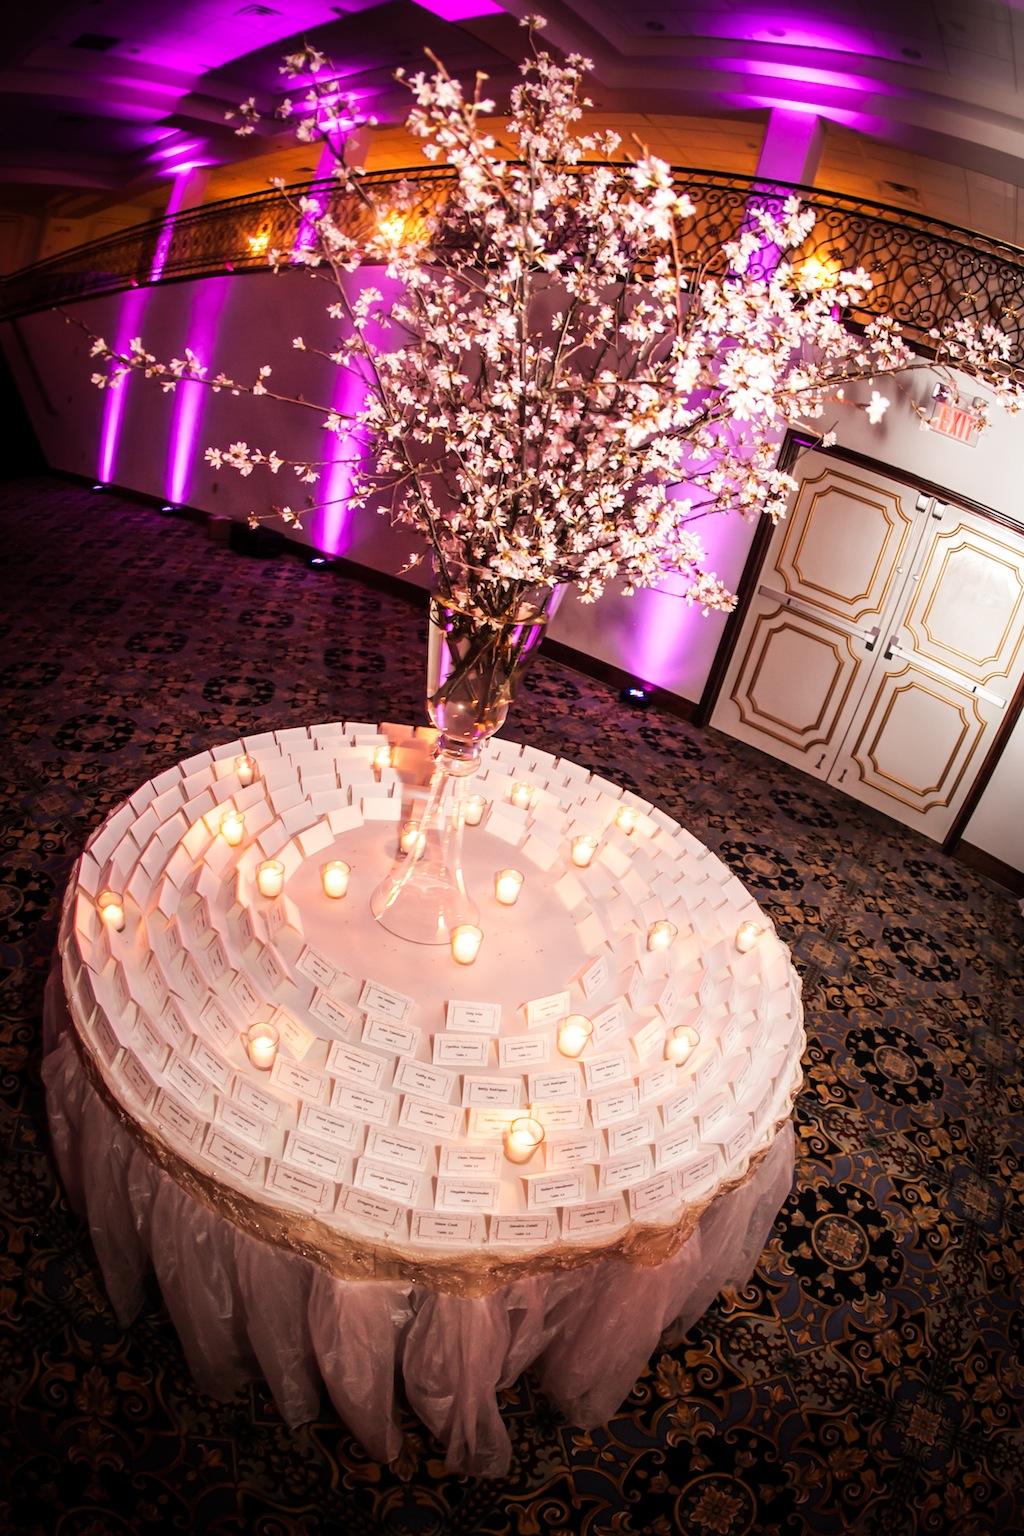 Floridan Palace Wedding, Downtown Tampa - Tampa Wedding Planner Burkle Events & Tampa Wedding Photographer Gary Kaplan Photography (25)